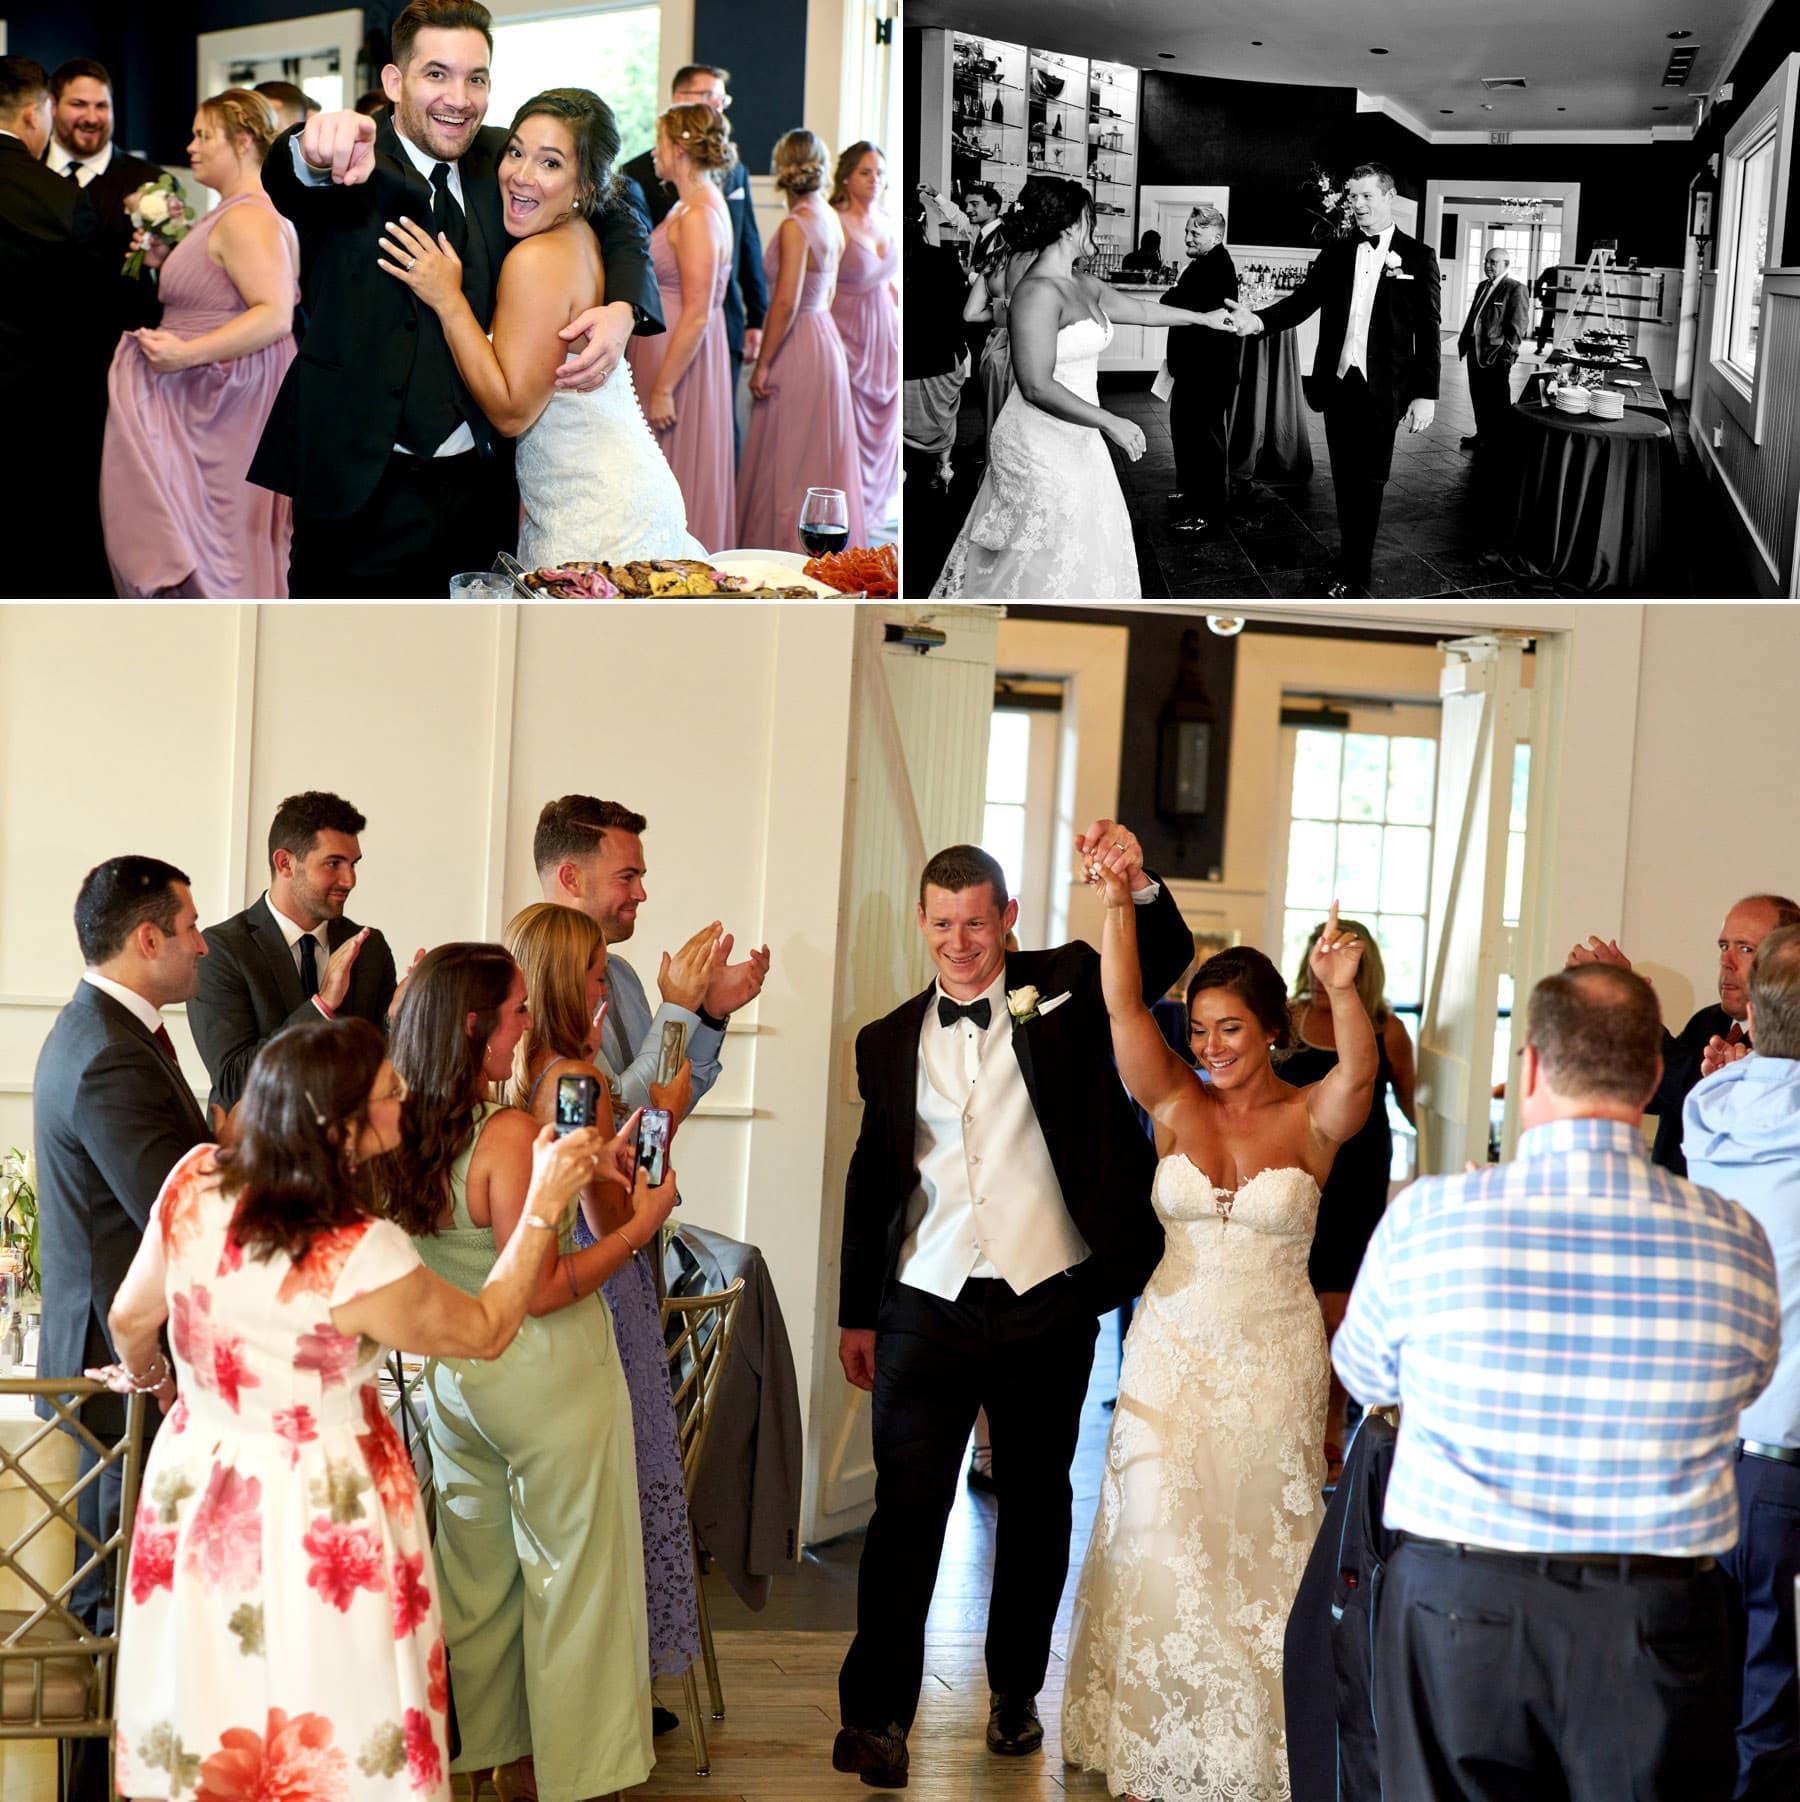 wedding entrance photos at The Farmhouse